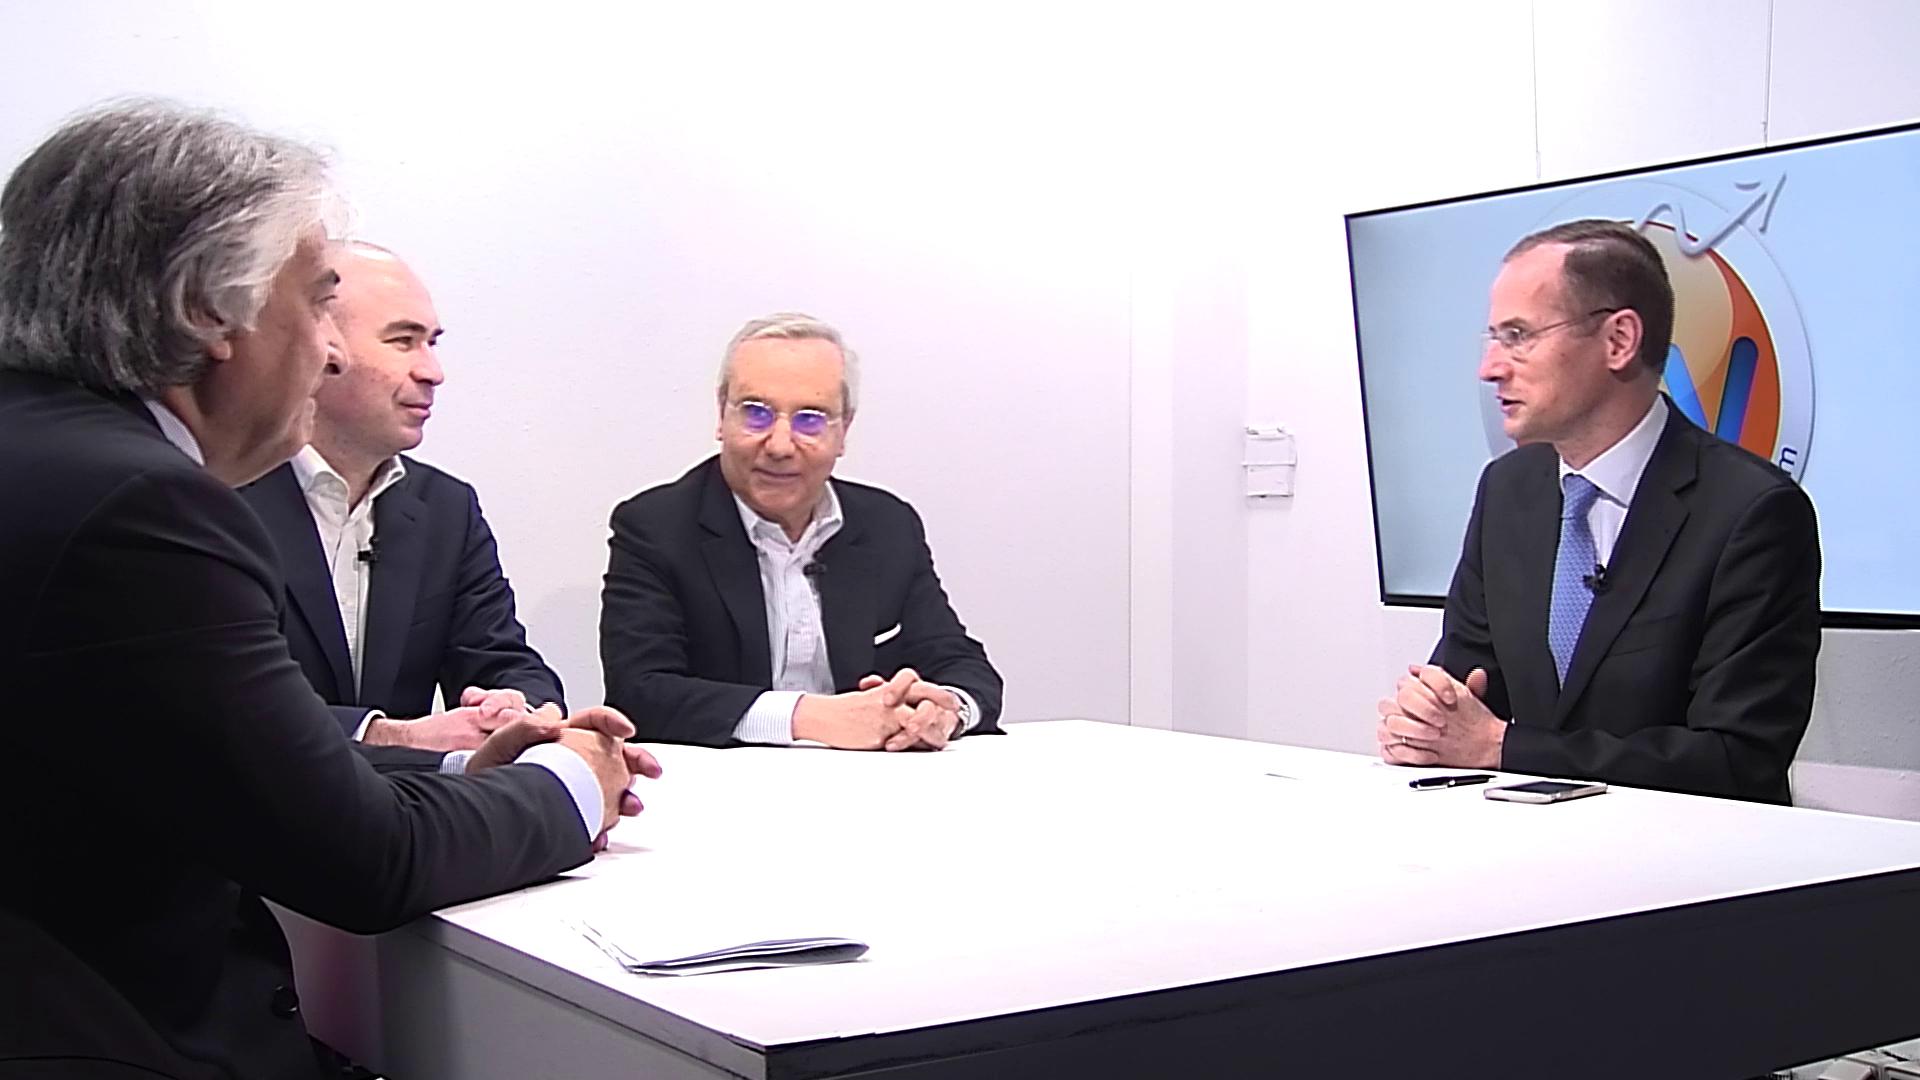 Bourse, Avis d'experts, l'émission pour un débat stratégie d'investissement (1ère partie)